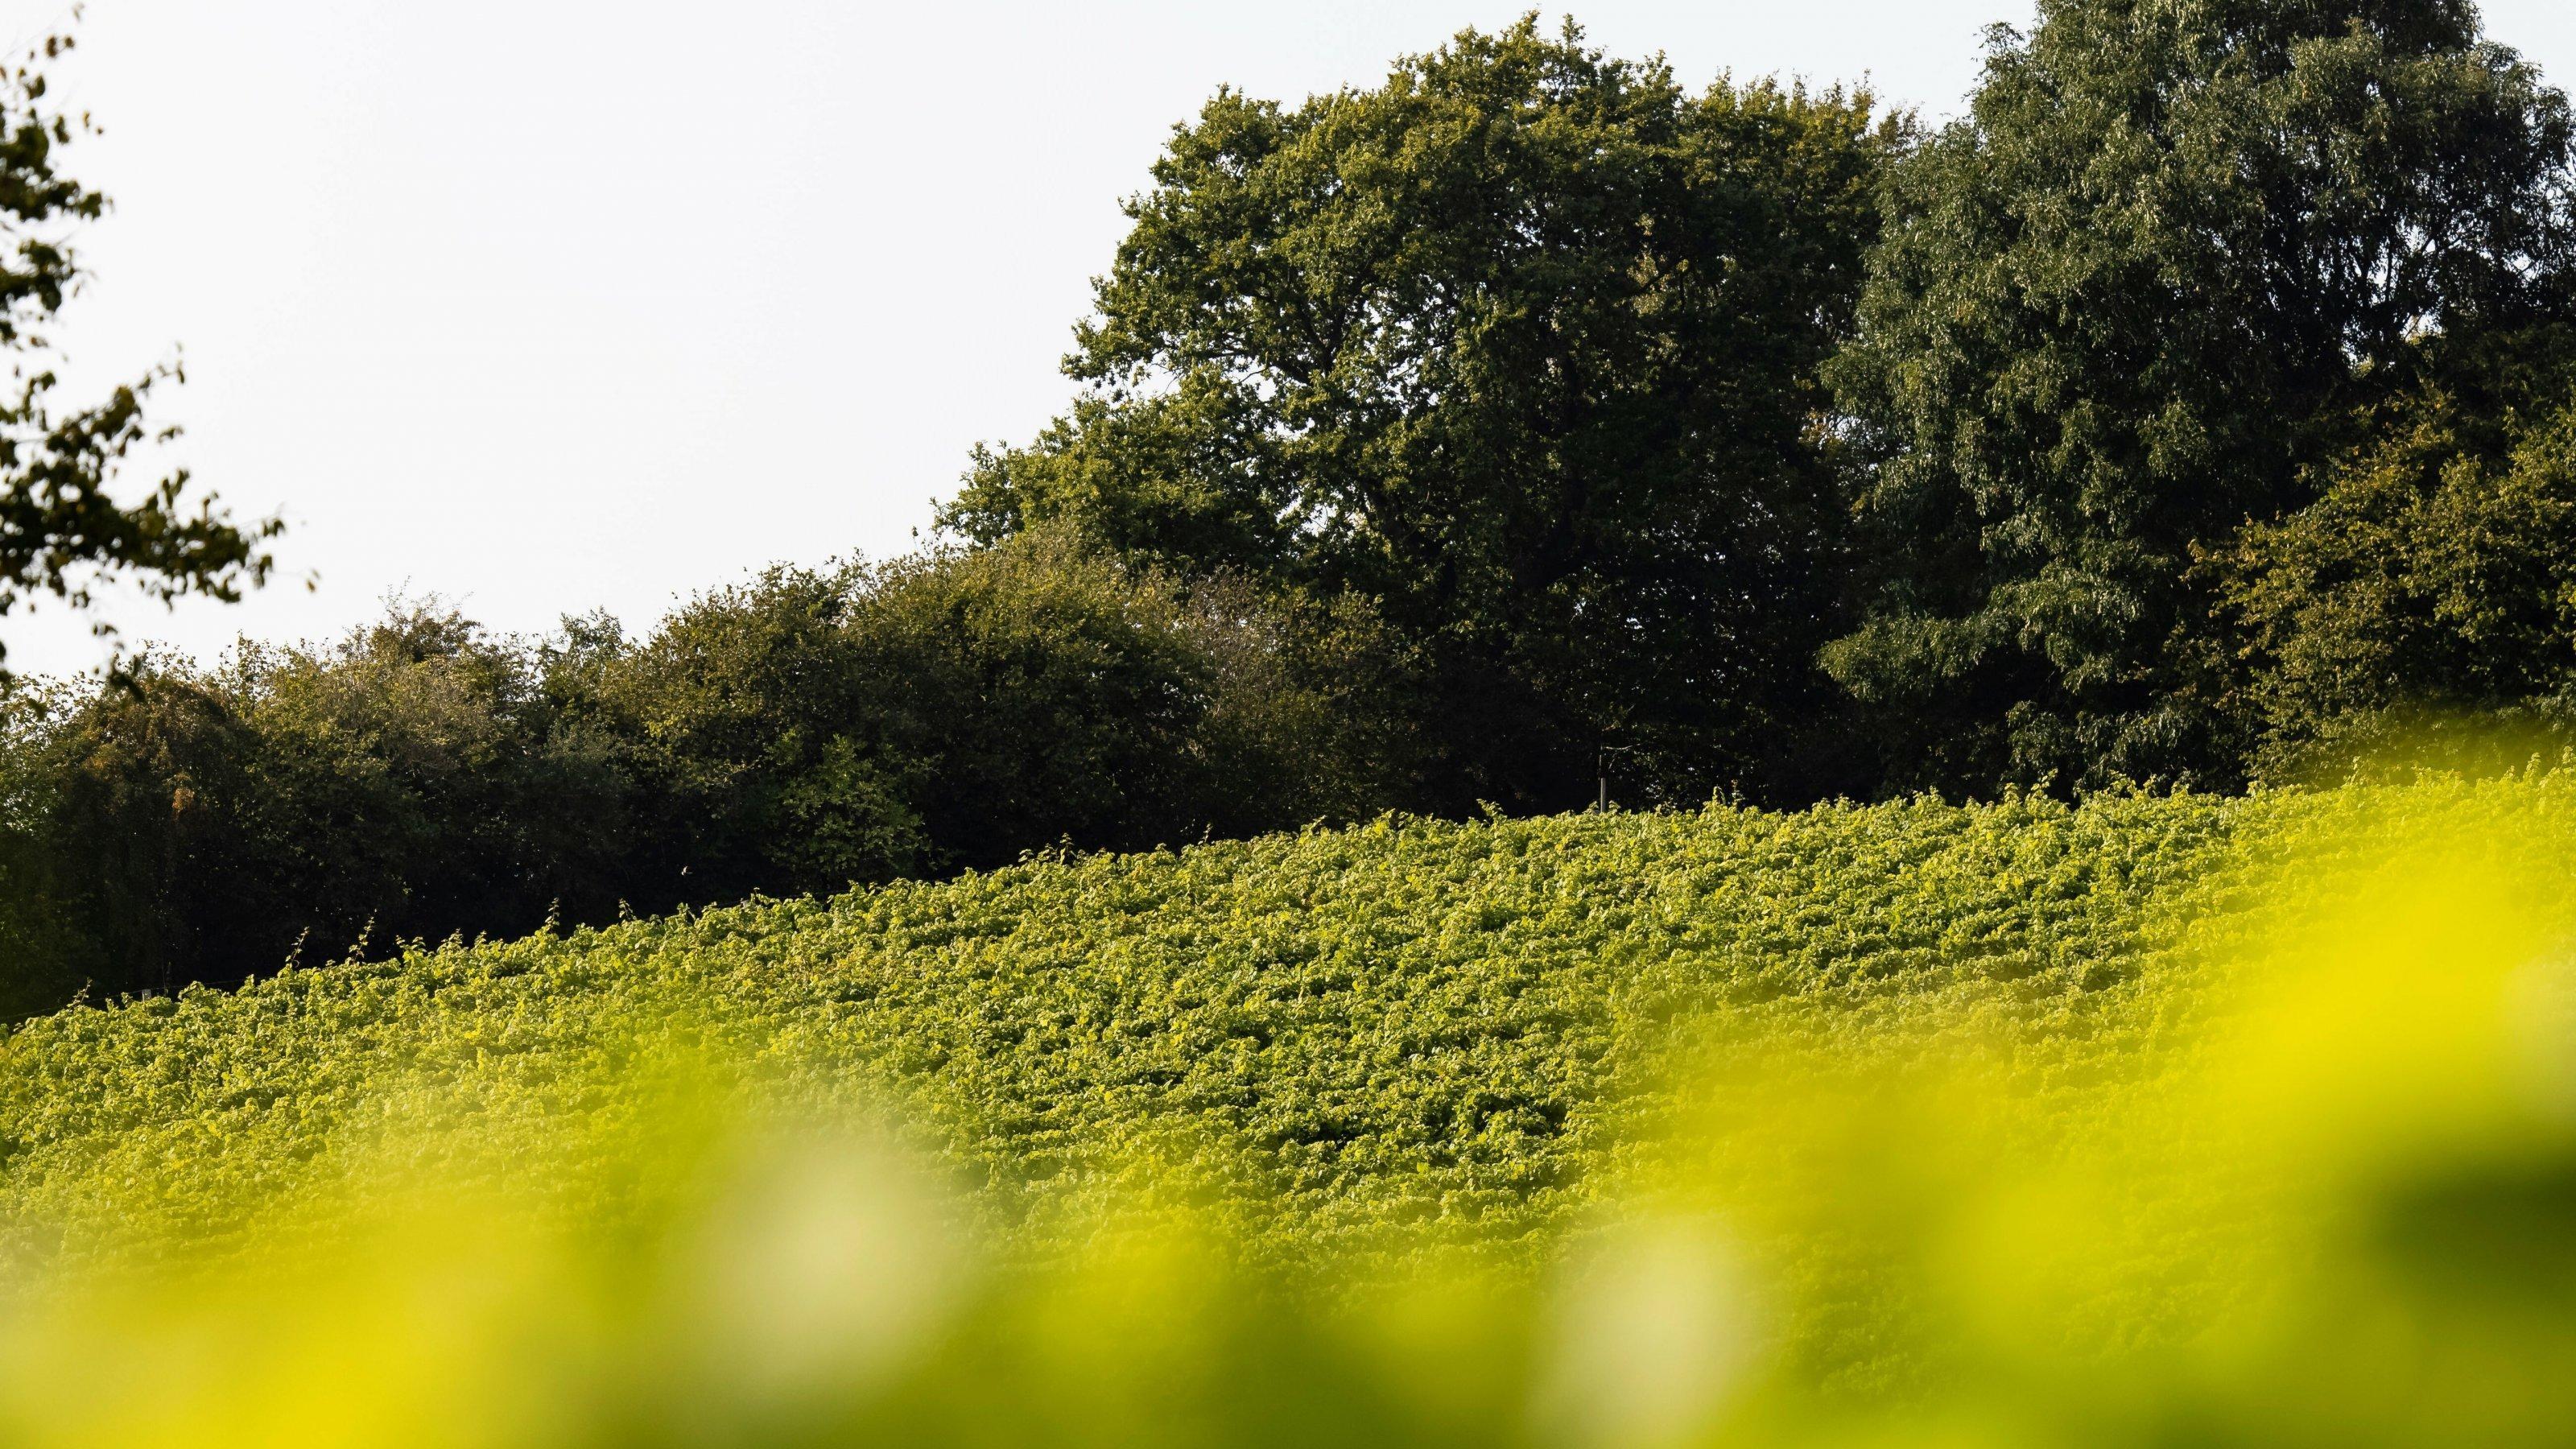 Von fern herangezoomter, sattgrüner Weinberg, umstanden von Bäumen.